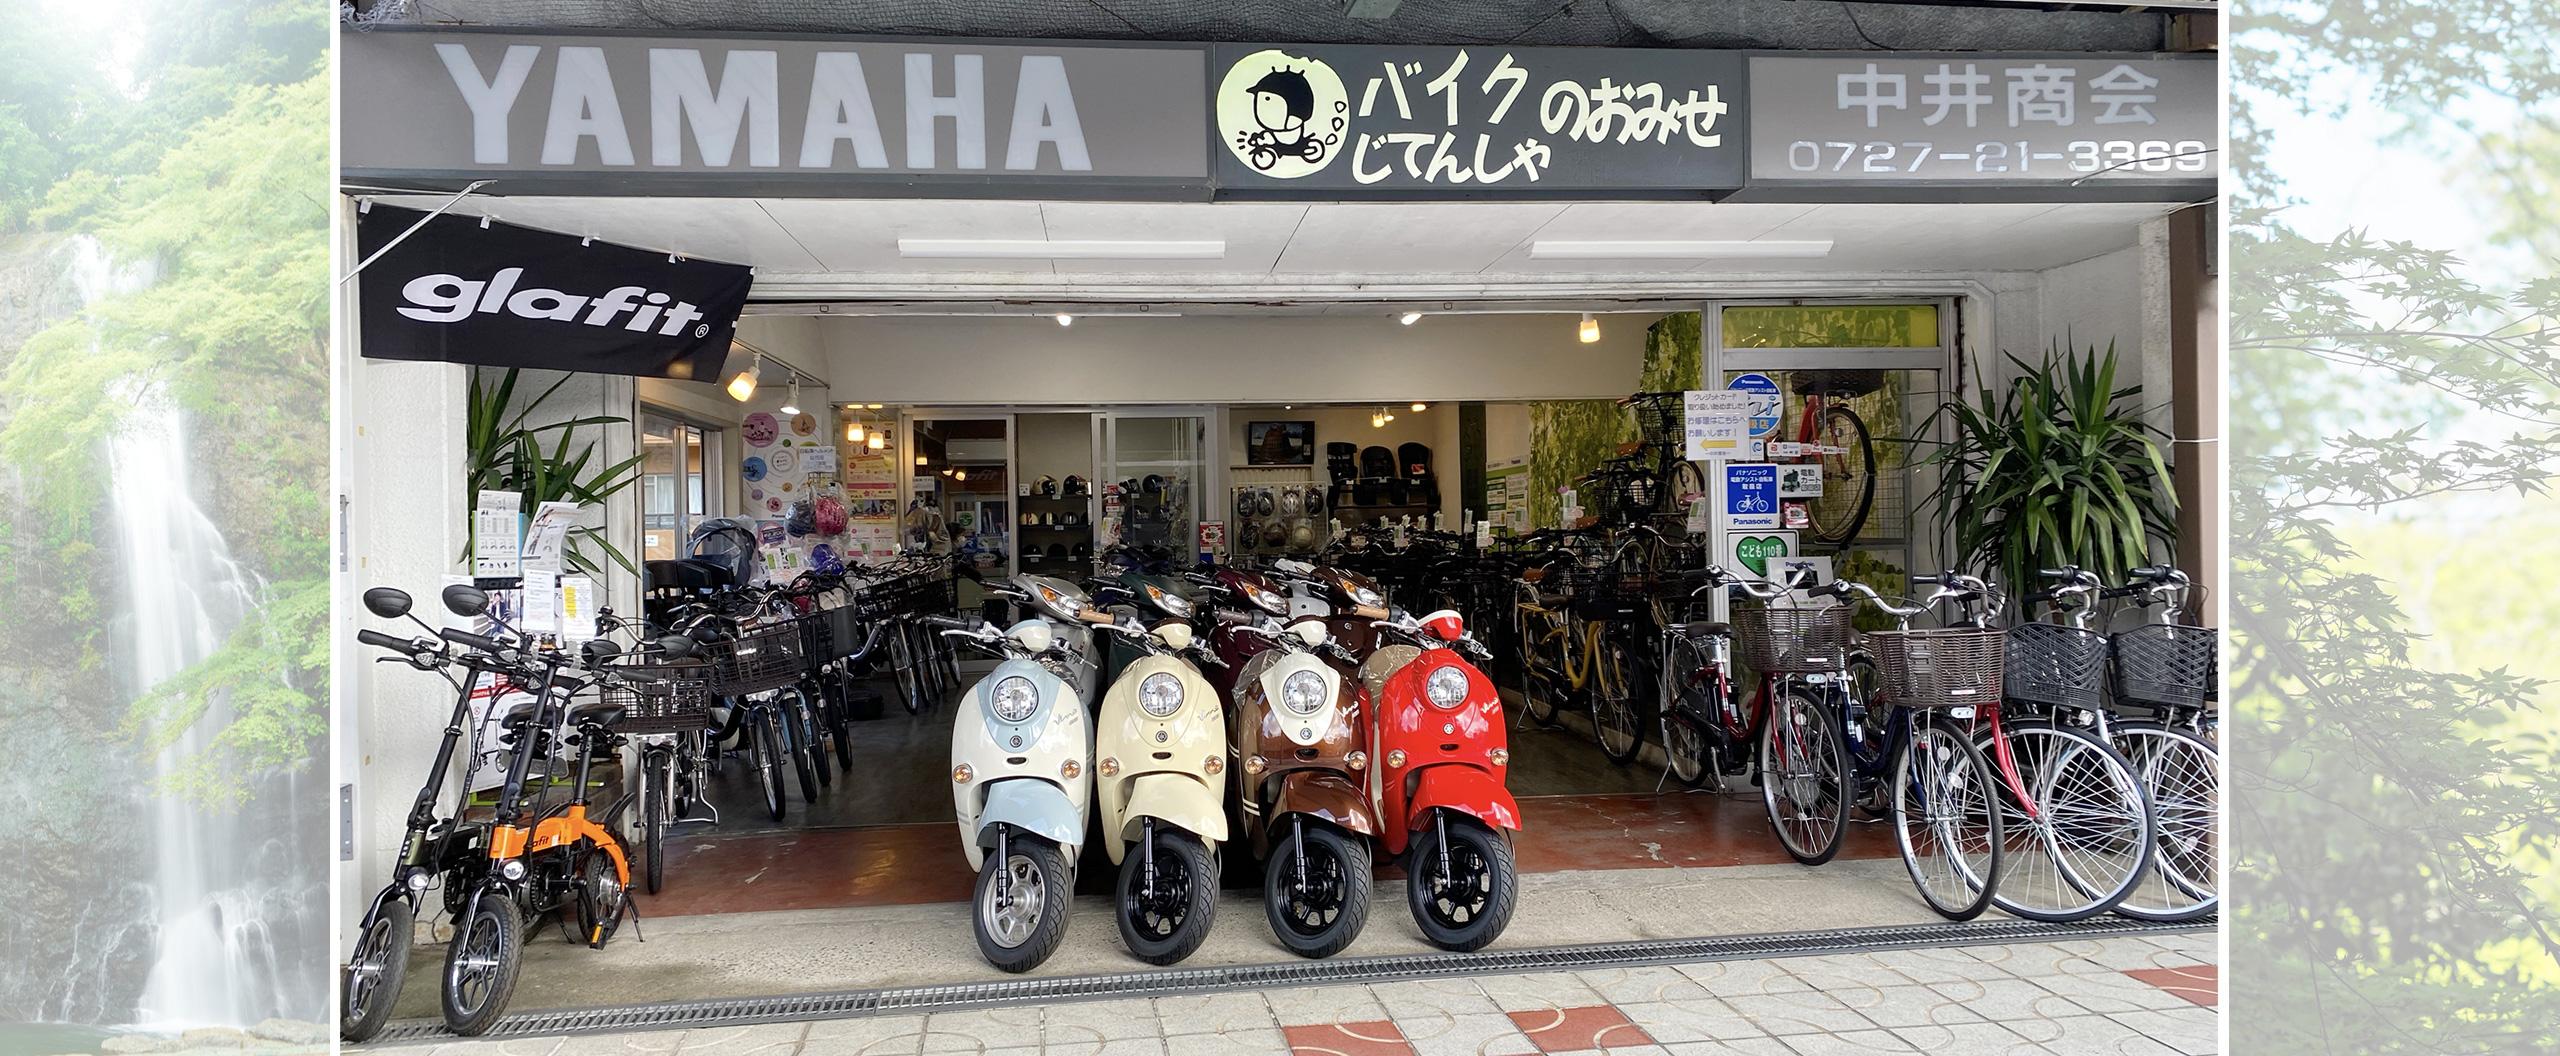 中井商会は昭和11年創業・箕面市の自転車屋です。電動アシスト自転車、バイク・スクーターの販売修理